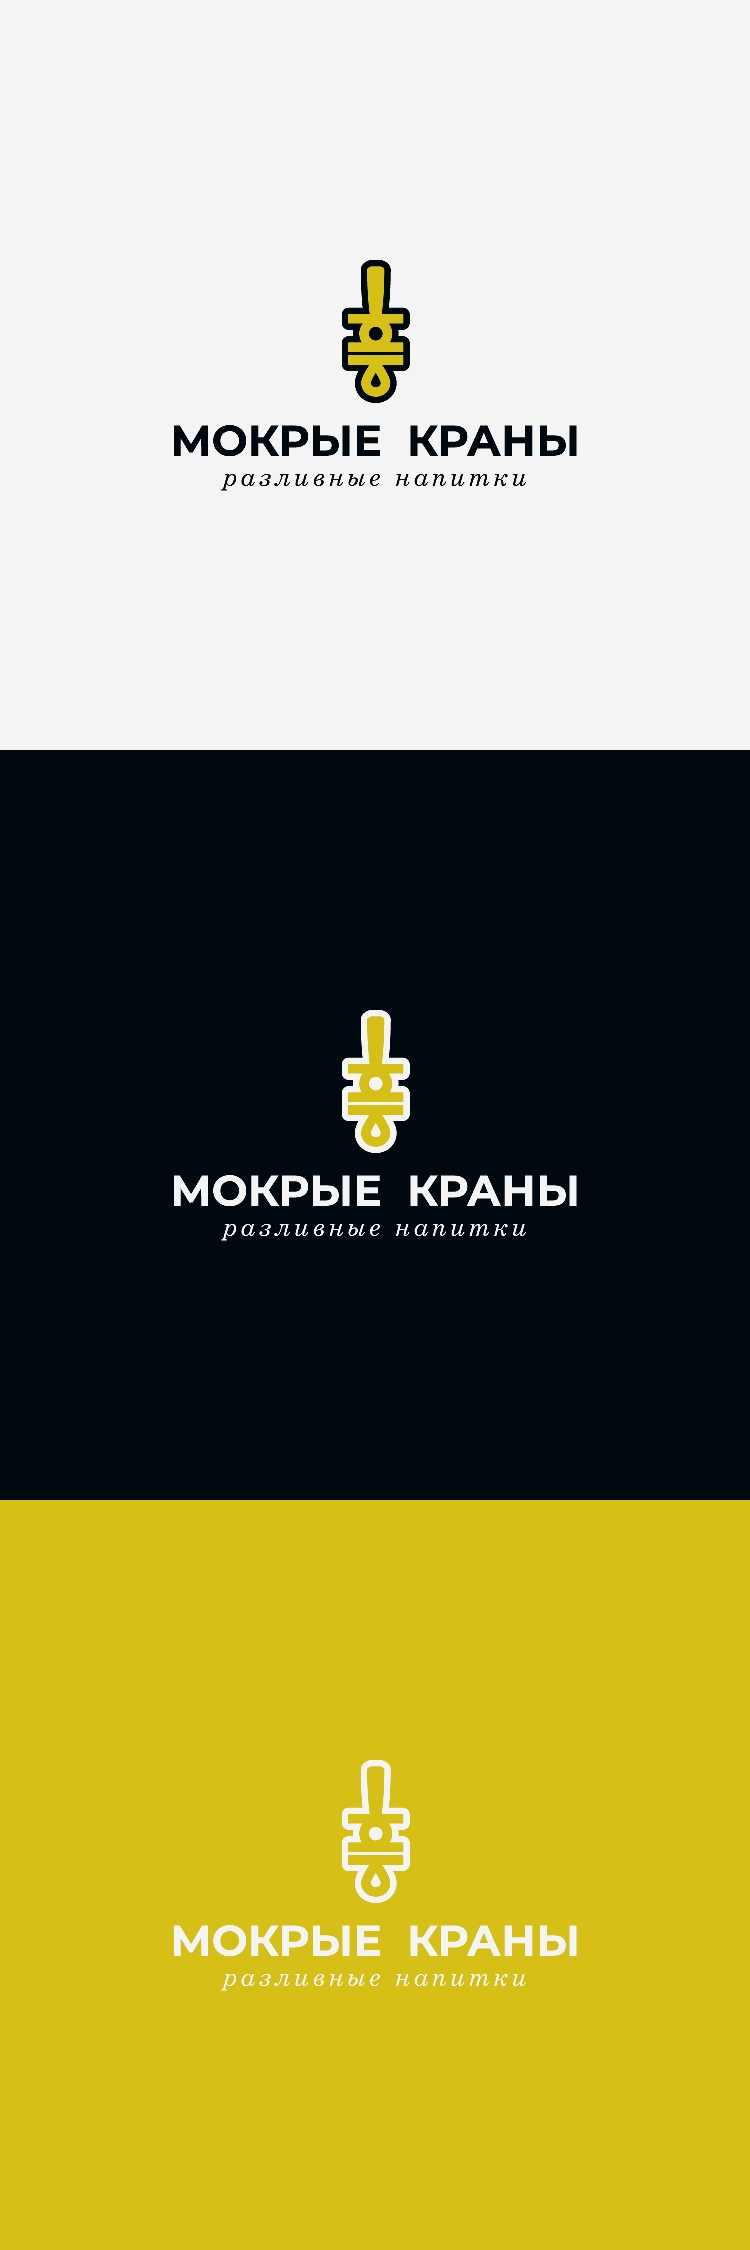 Вывеска/логотип для пивного магазина фото f_402602d55dc21011.jpg